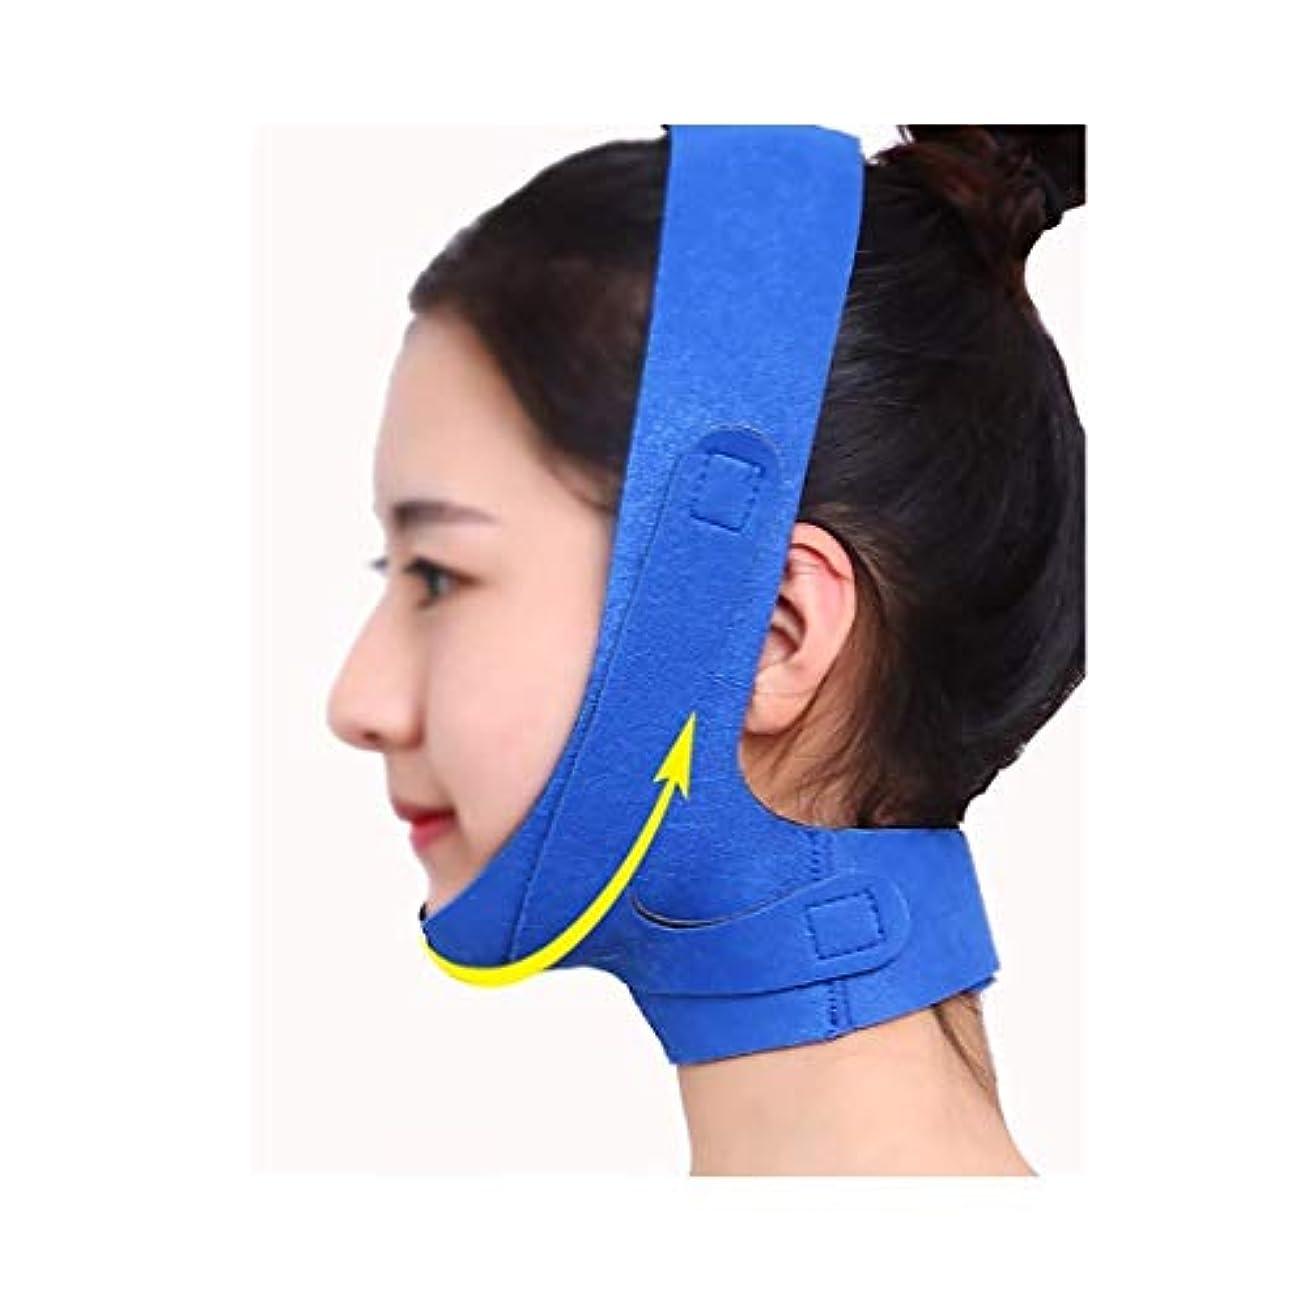 苦難そよ風ガソリンフェイスリフトマスク、チンストラップの回復の包帯の睡眠の薄い顔の包帯の薄いフェイスマスクフェイスリフトの美のマスクの包帯の青いフェイスマスクが付いている小さいVの顔を高めるフェイスリフトのアーティファクト